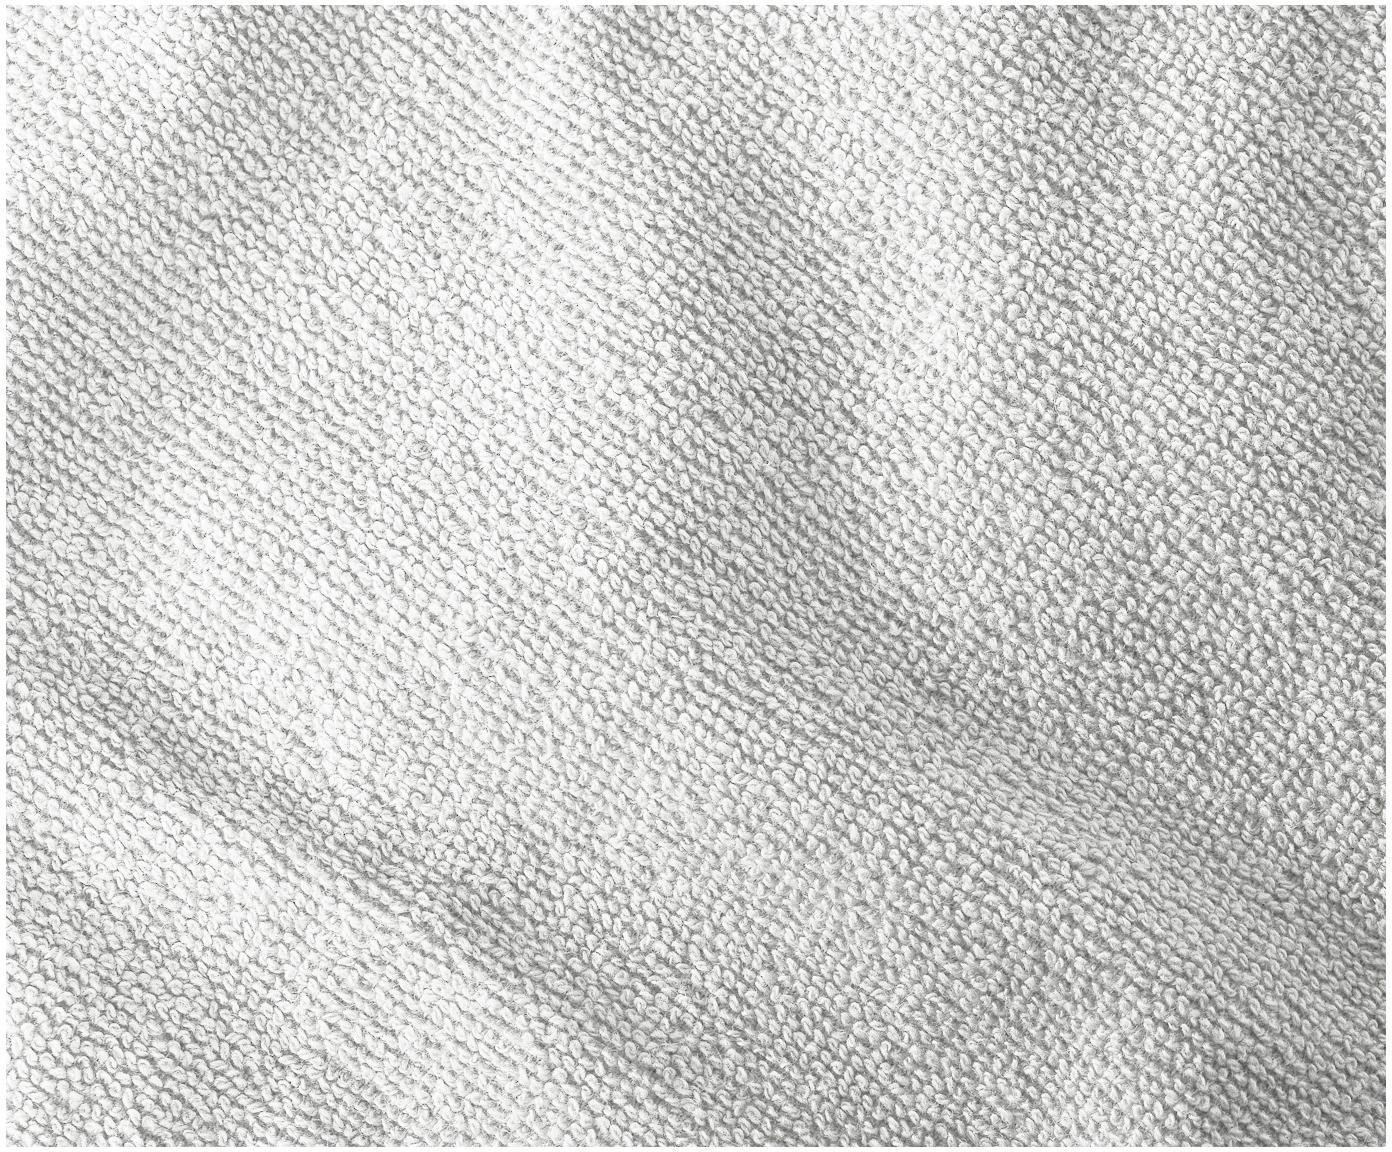 Handtuch Premium in verschiedenen Grössen, mit klassischer Zierbordüre, Hellgrau, XS Gästehandtuch